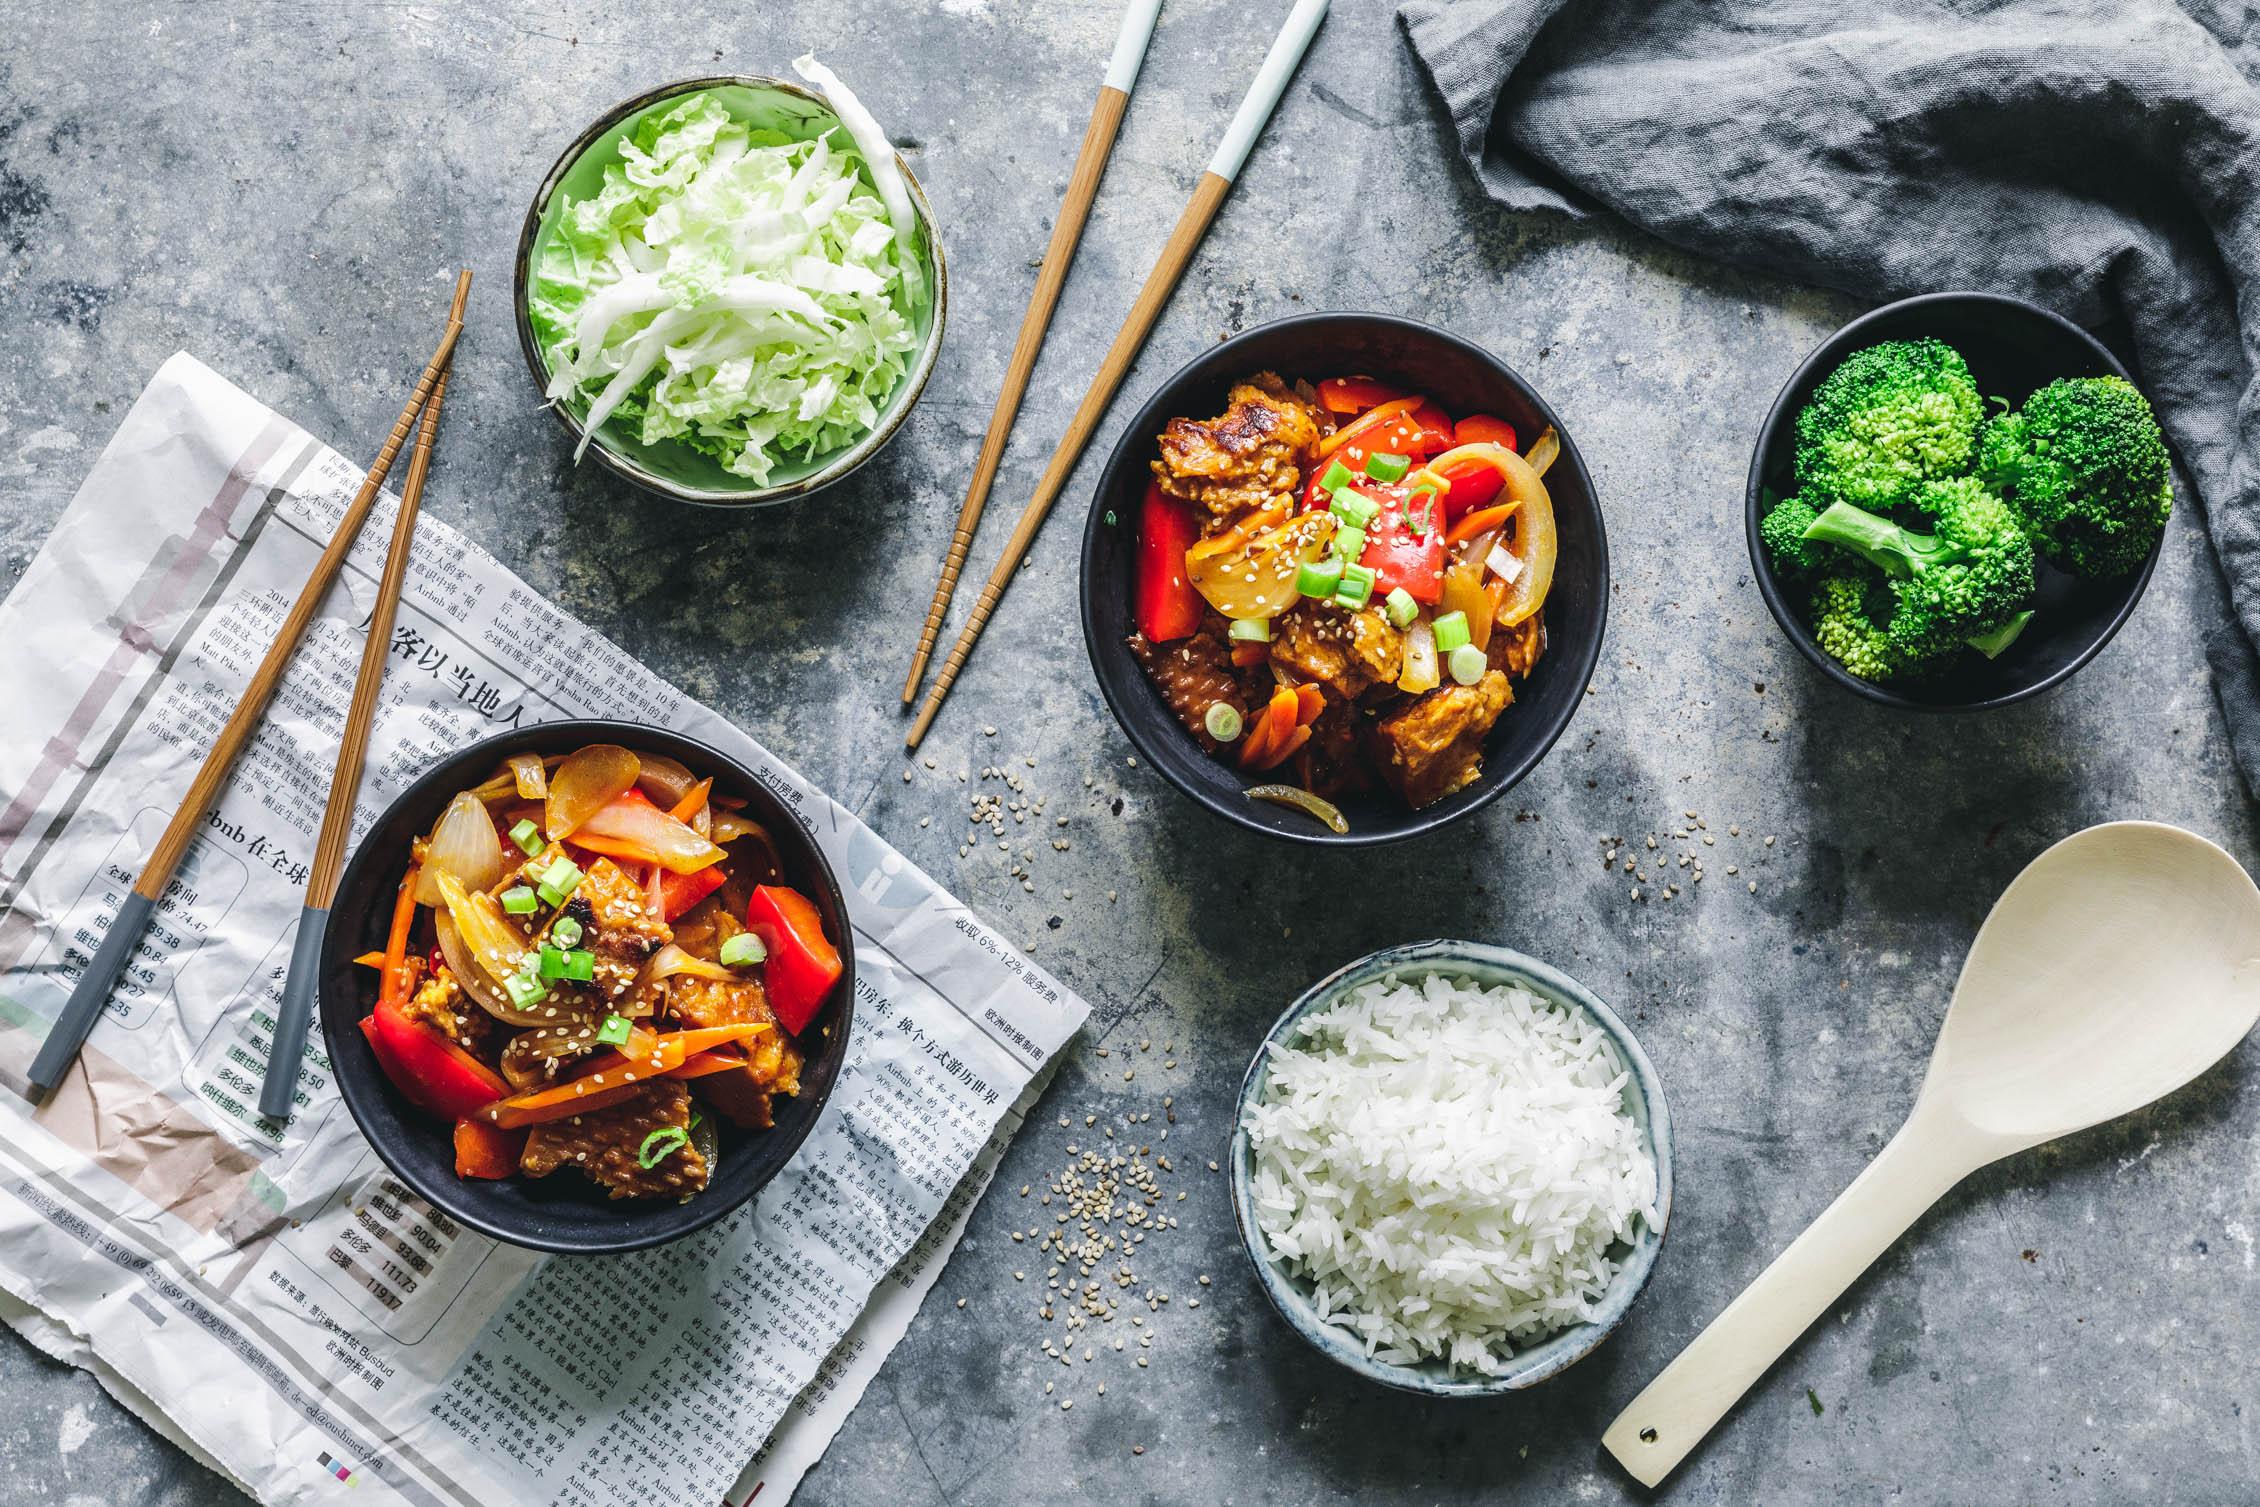 Seitan Süß Sauer Eat This Foodblog Vegane Rezepte Stories